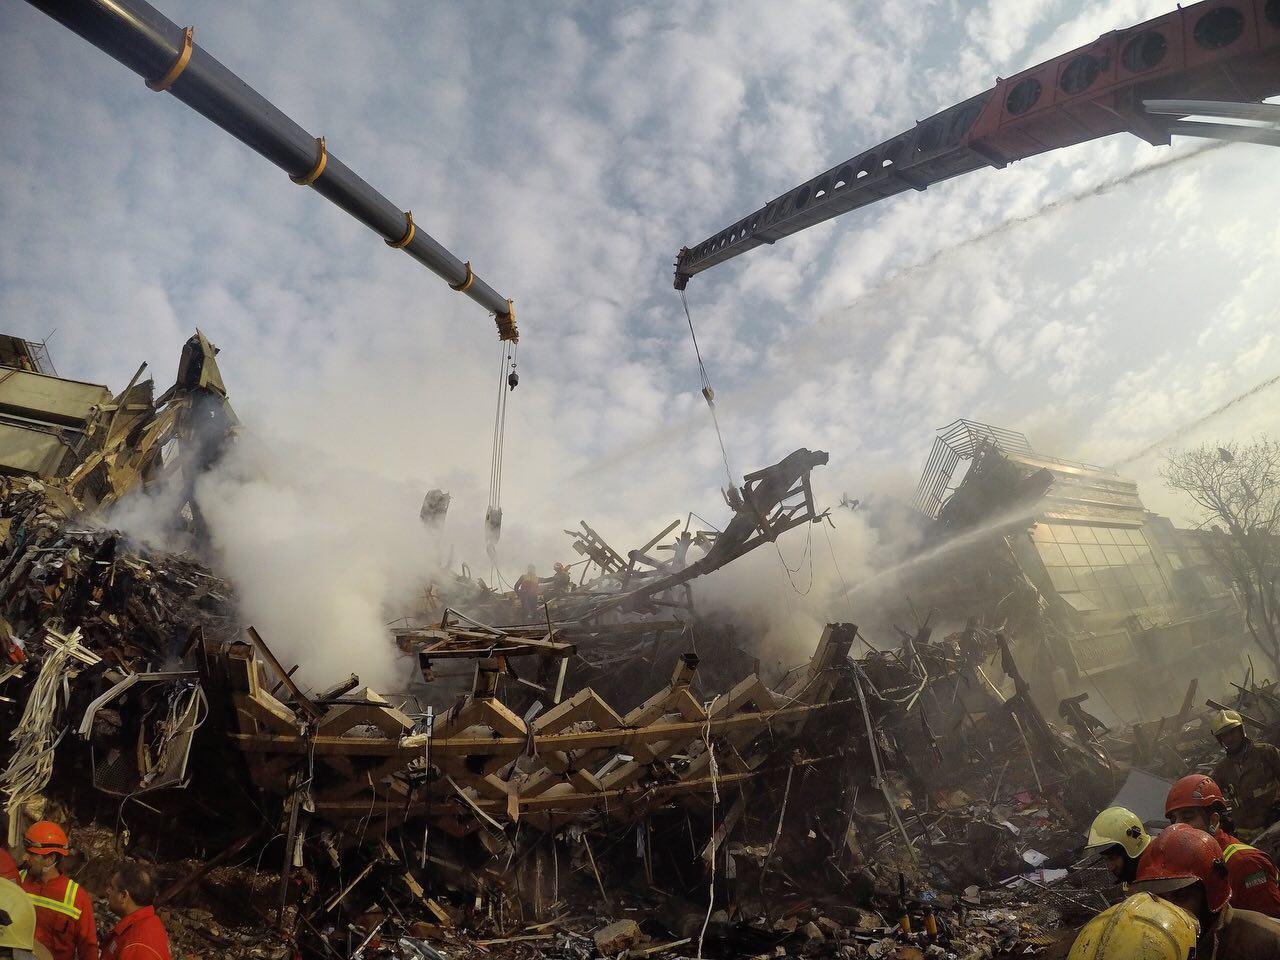 گزارش تصویری از حادثه ساختمان پلاسکو